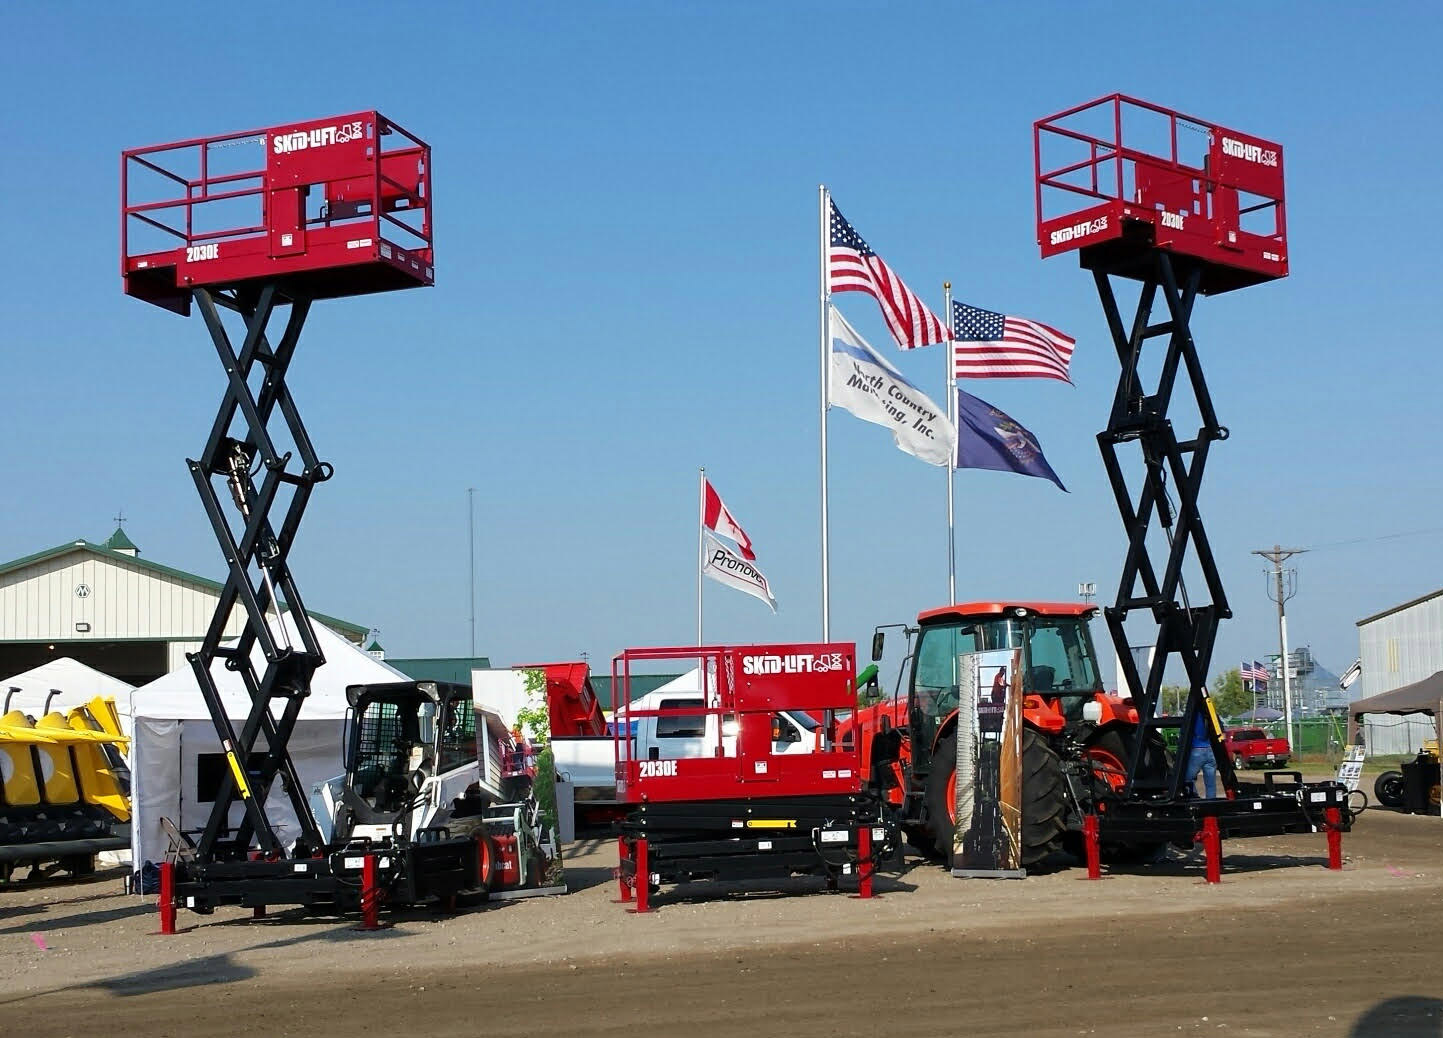 Skid-Lift at the Big Iron Farm Show in North Dakota